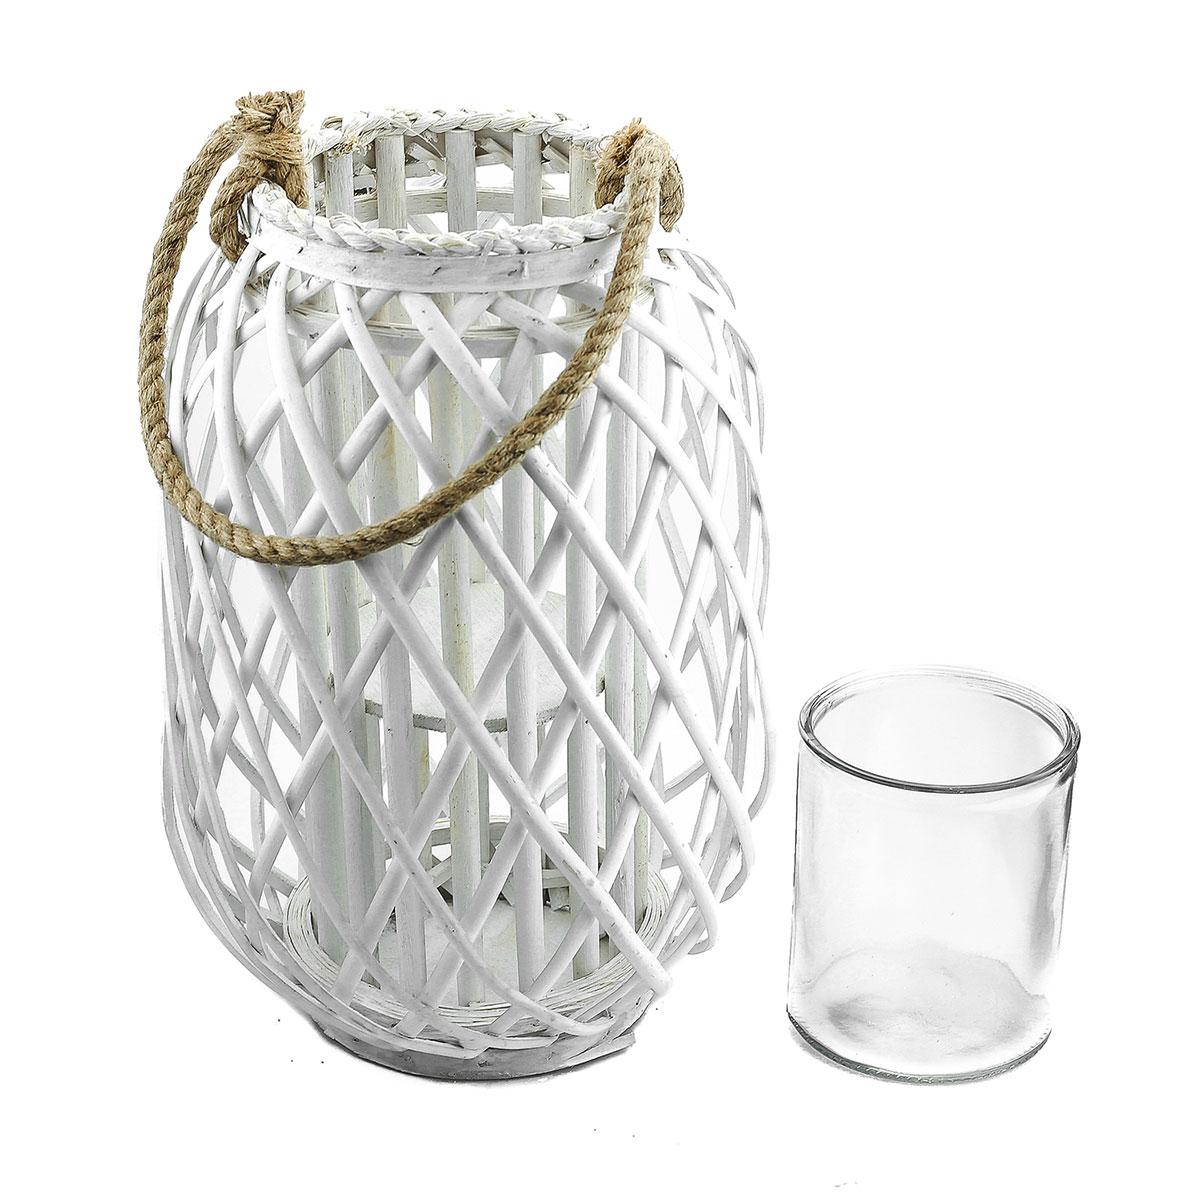 Laterne Rattan Mit Glas Windlicht Weiss Hohe Ca 40cm